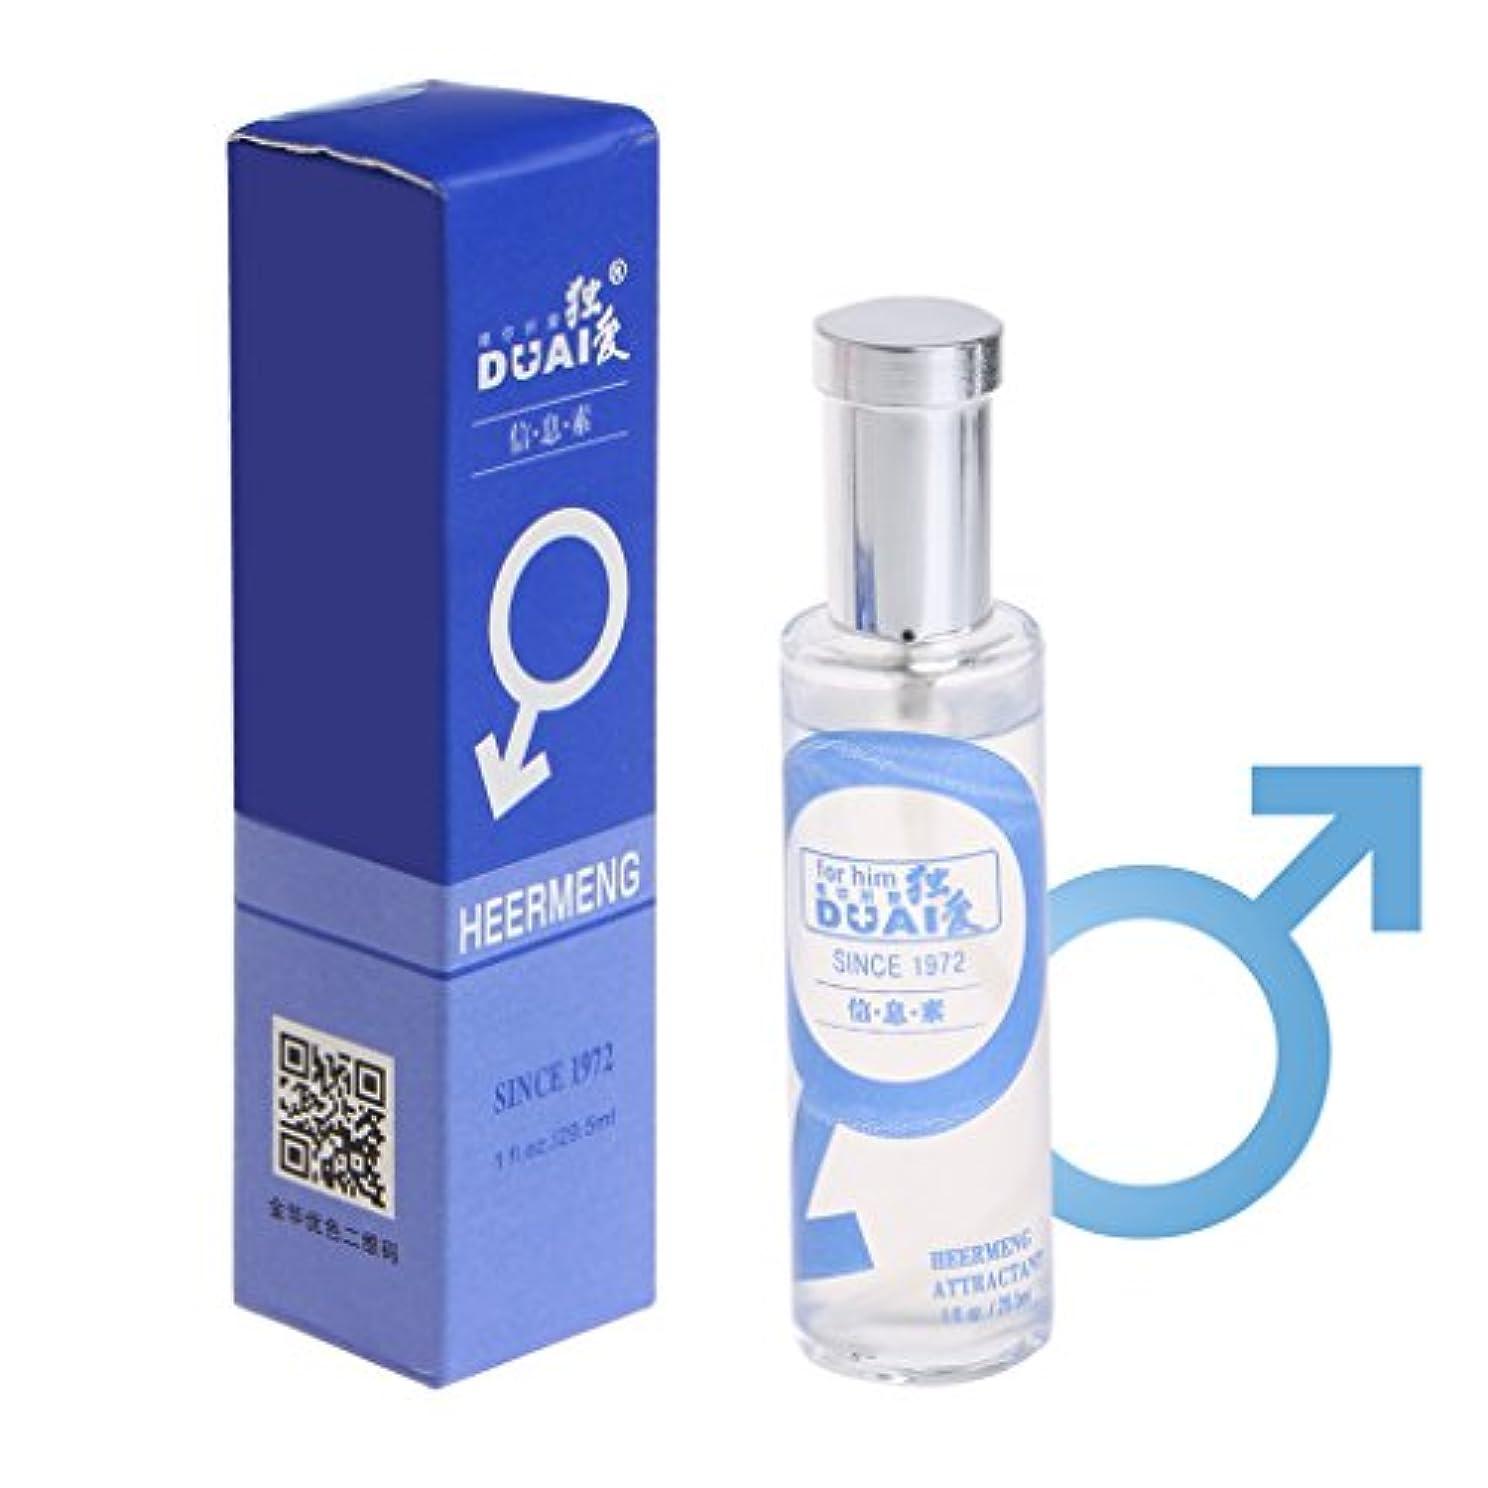 バーチャル契約する俳句JAGETRADEセクシーな香水香水ボディスプレーオイルフェロモン男性の性のおもちゃのための媚薬の供給